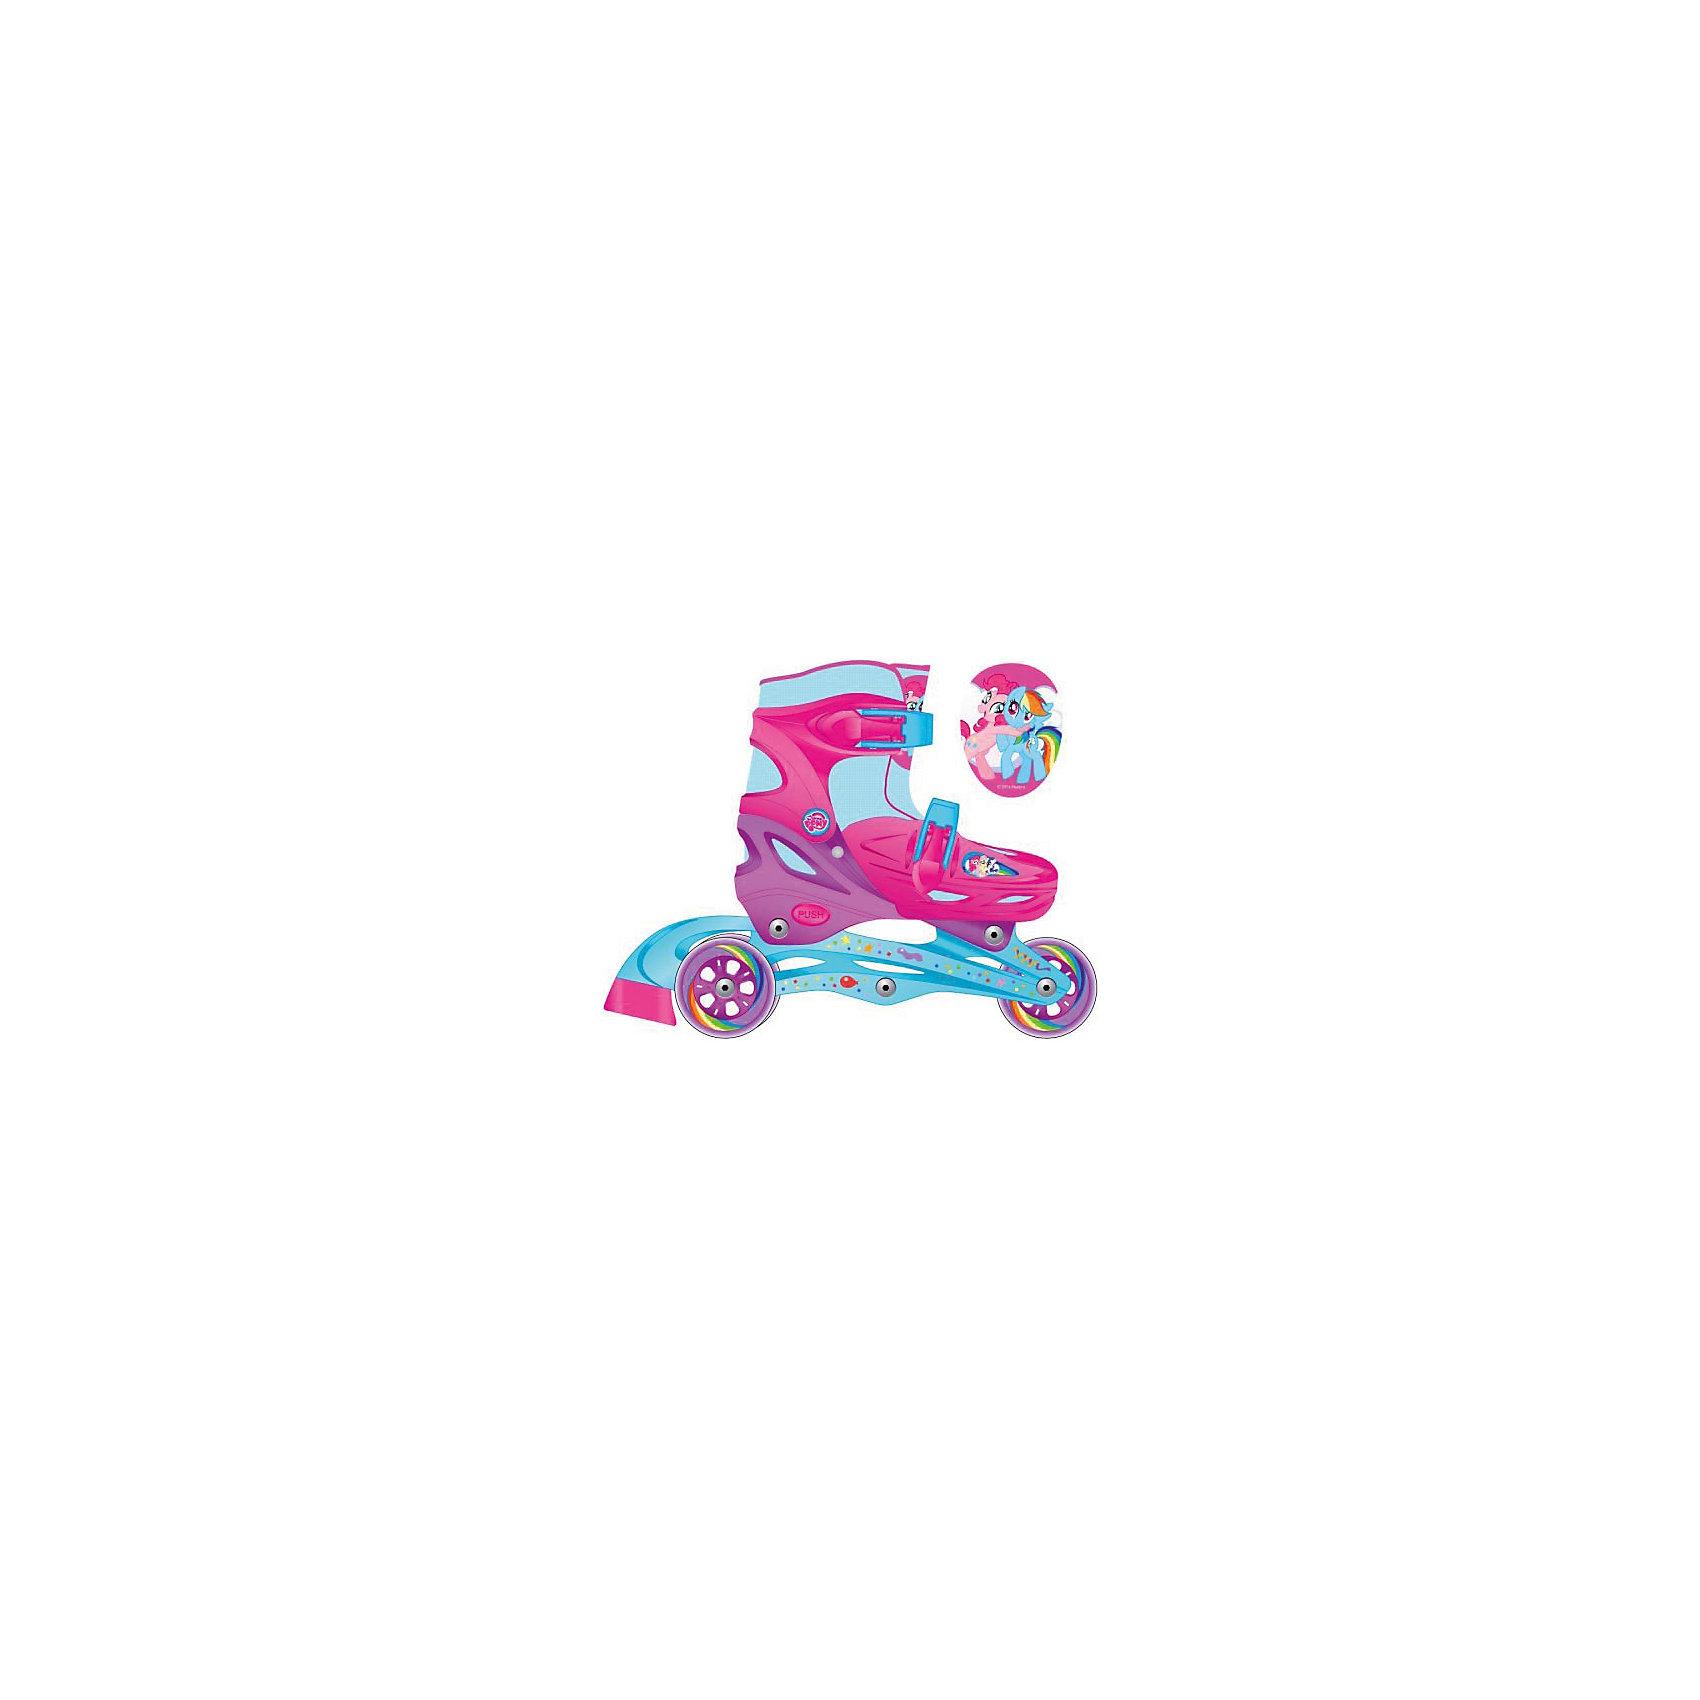 Роликовые коньки, раздвижные, My little PonyРолики<br>Характеристики товара:<br><br>• материал: полимер<br>• цвет: голубой, розовый<br>• колеса: 64х24 мм<br>• удобный тормоз сзади<br>• жесткий ботинок обеспечивает надежную фиксацию стопы<br>• раздвижные - хватит на несколько сезонов<br>• колеса можно расположить как в ряд, так и два - сзади<br>• надежные материалы<br>• декорированы принтом<br>• продуманная конструкция<br>• яркий цвет<br><br>Подарить ребенку такие ролики - значит, помочь его развитию! Они способствуют скорейшему развитию способности ориентироваться в пространстве, развивают физические способности, мышление и ловкость. Помимо этого, кататься на них - очень увлекательное занятие!<br><br>Эти ролики разработаны специально для детей. Они раздвижные, поэтому размер легко меняется, что позволяет не покупать новые ролики на каждый сезон. Жесткий ботинок помогает защитить голеностоп. Данная модель выполнена в ярком дизайне, отличается продуманной конструкцией и деталями, которые обеспечивают безопасность ребенка. Отличный подарок для активного малыша!<br><br>Роликовые коньки, раздвижные, My little Pony, от бренда Next можно купить в нашем интернет-магазине.<br><br>Ширина мм: 650<br>Глубина мм: 330<br>Высота мм: 440<br>Вес г: 1950<br>Цвет: разноцветный<br>Возраст от месяцев: 24<br>Возраст до месяцев: 72<br>Пол: Женский<br>Возраст: Детский<br>Размер: 26-29,30-33<br>SKU: 4616440